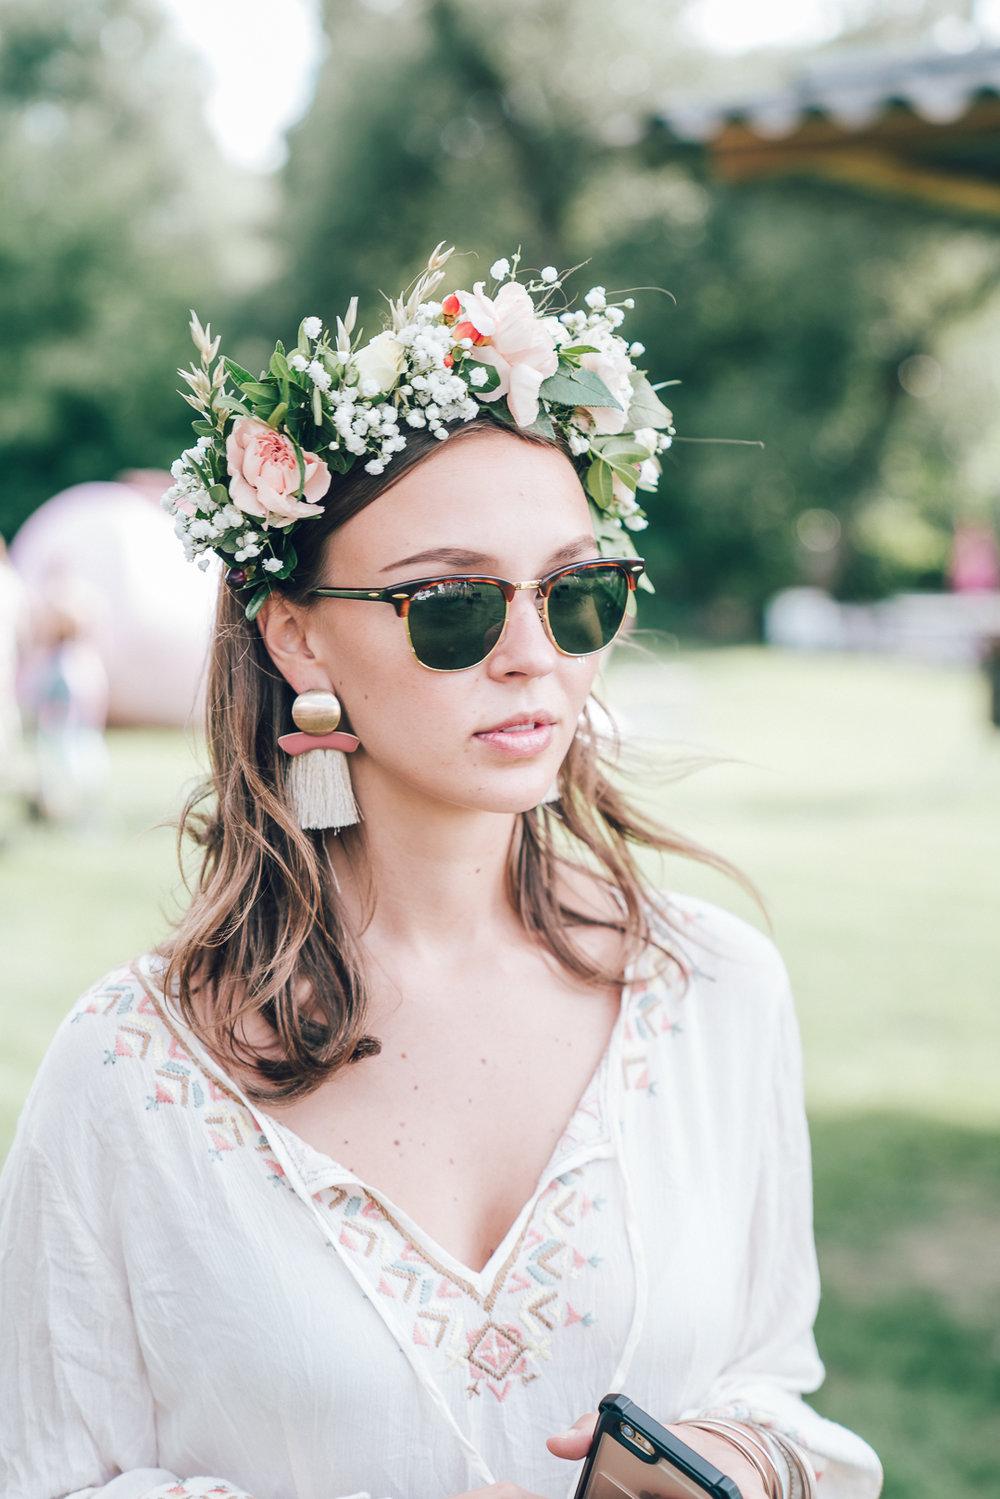 WeAreFlowergirls-handmade-flowercrown-blumenkranz-flower-crown-wedding-event